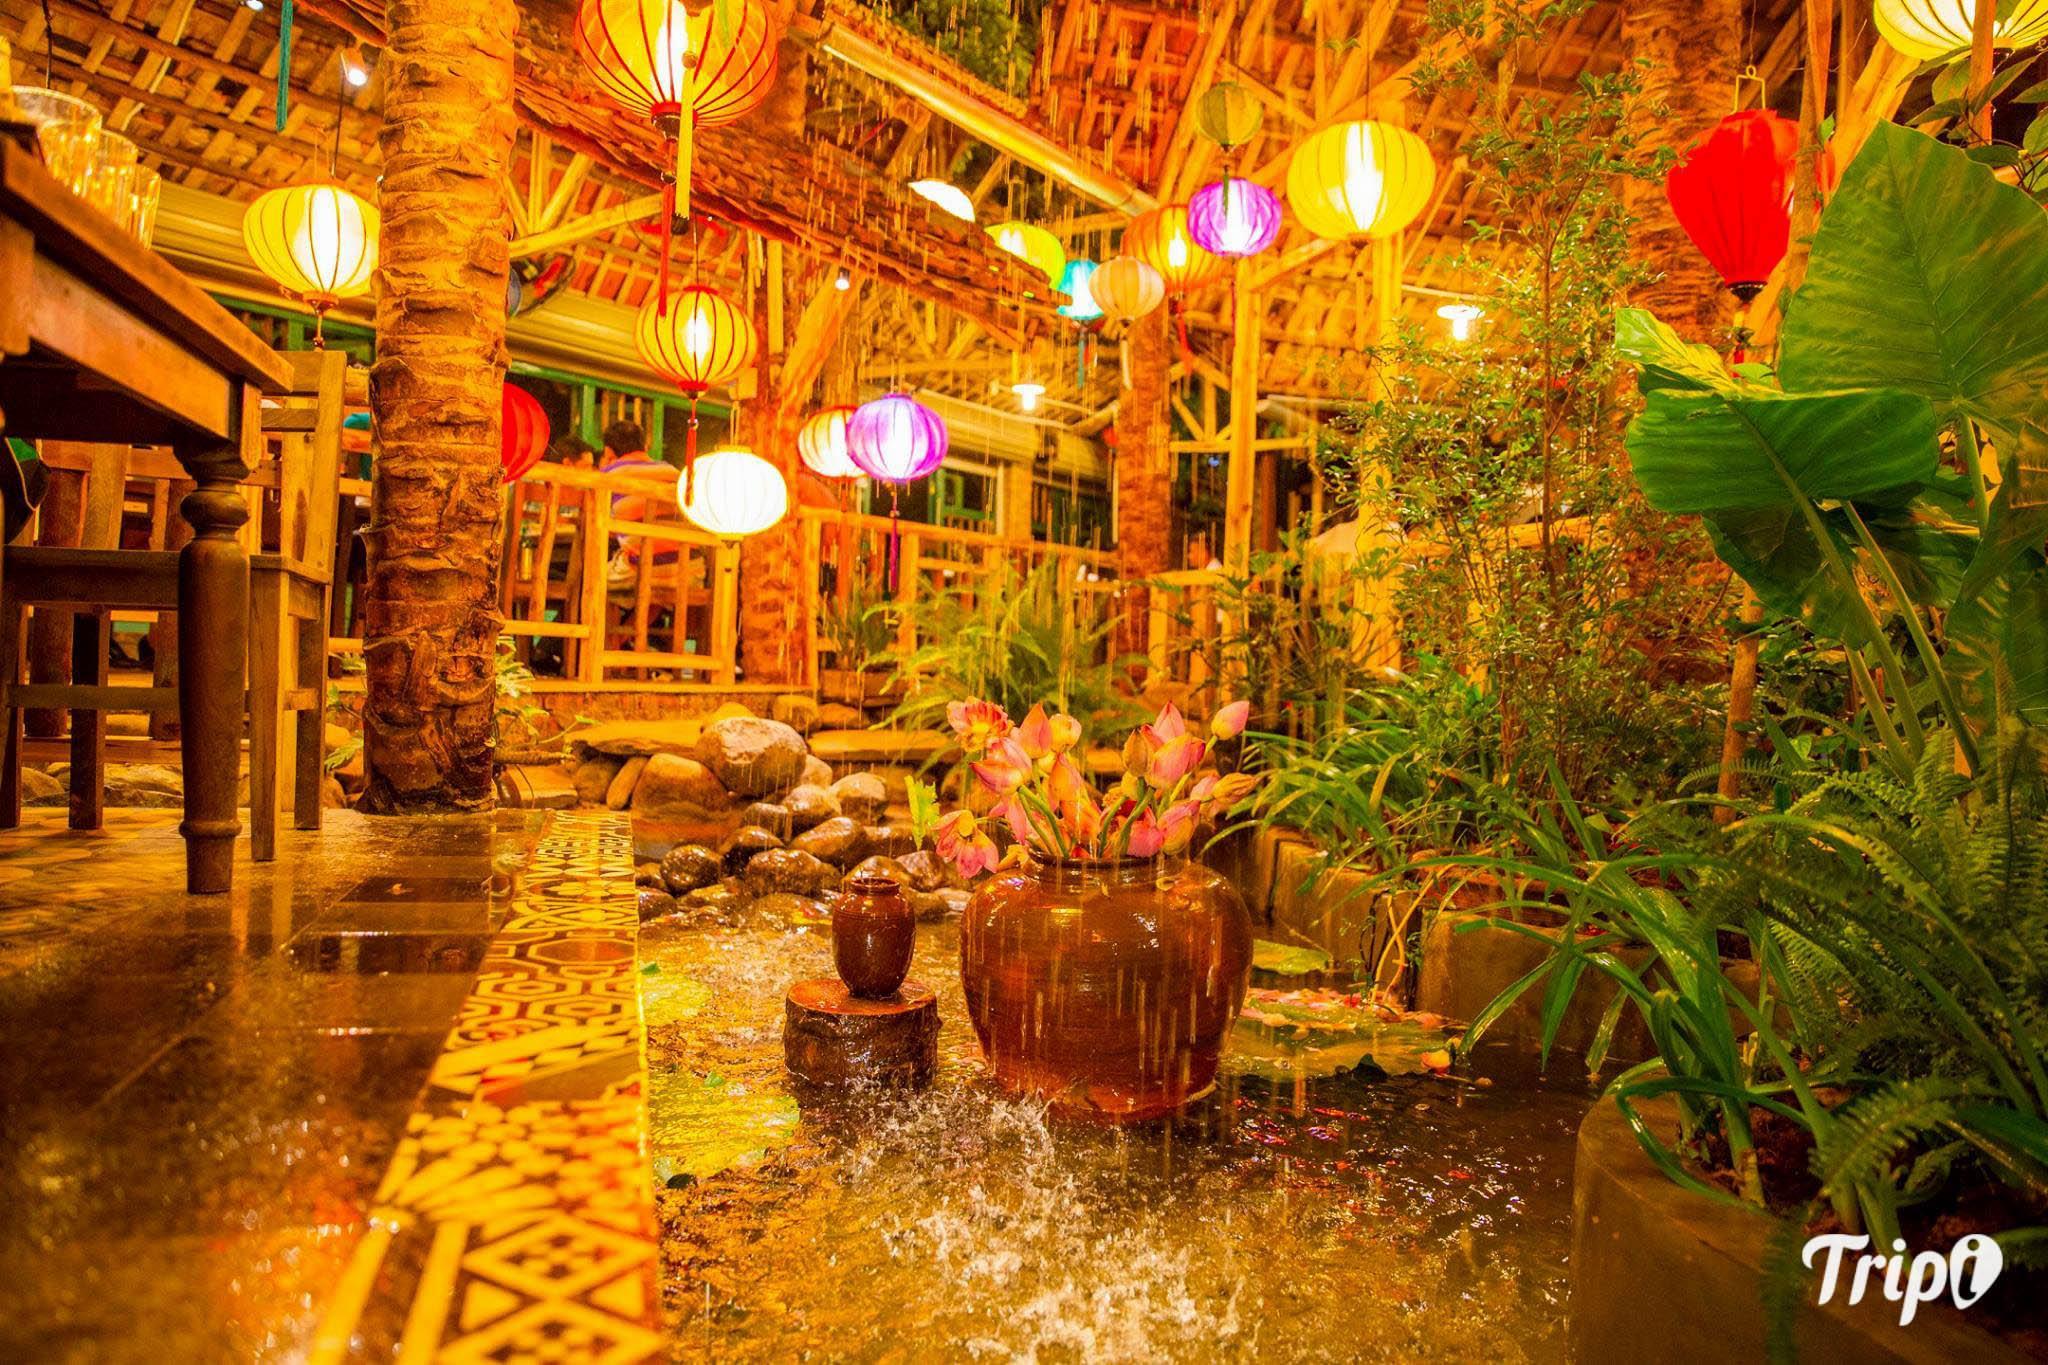 Quán ăn ngon ở Hà Nội vào buổi tối - Chuỗi bò tơ Quán Mộc